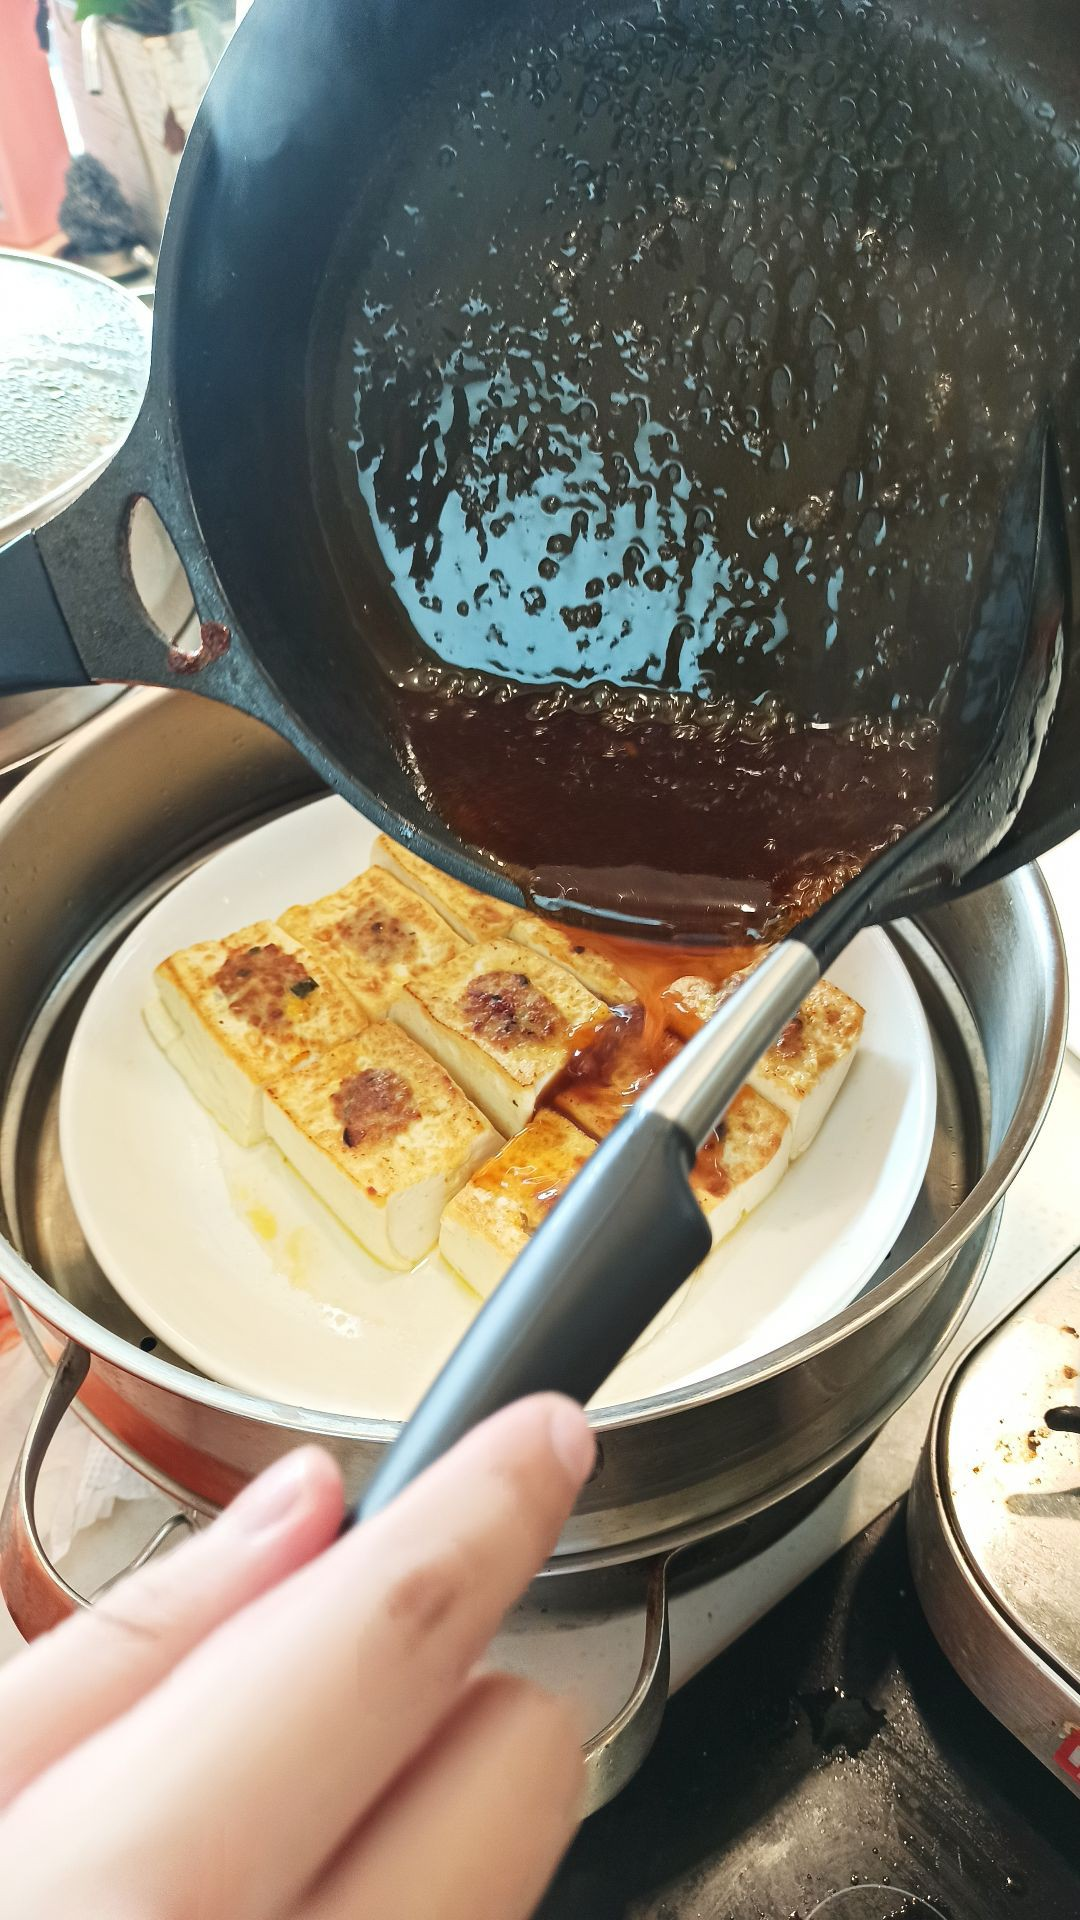 客家酿豆腐怎样煮